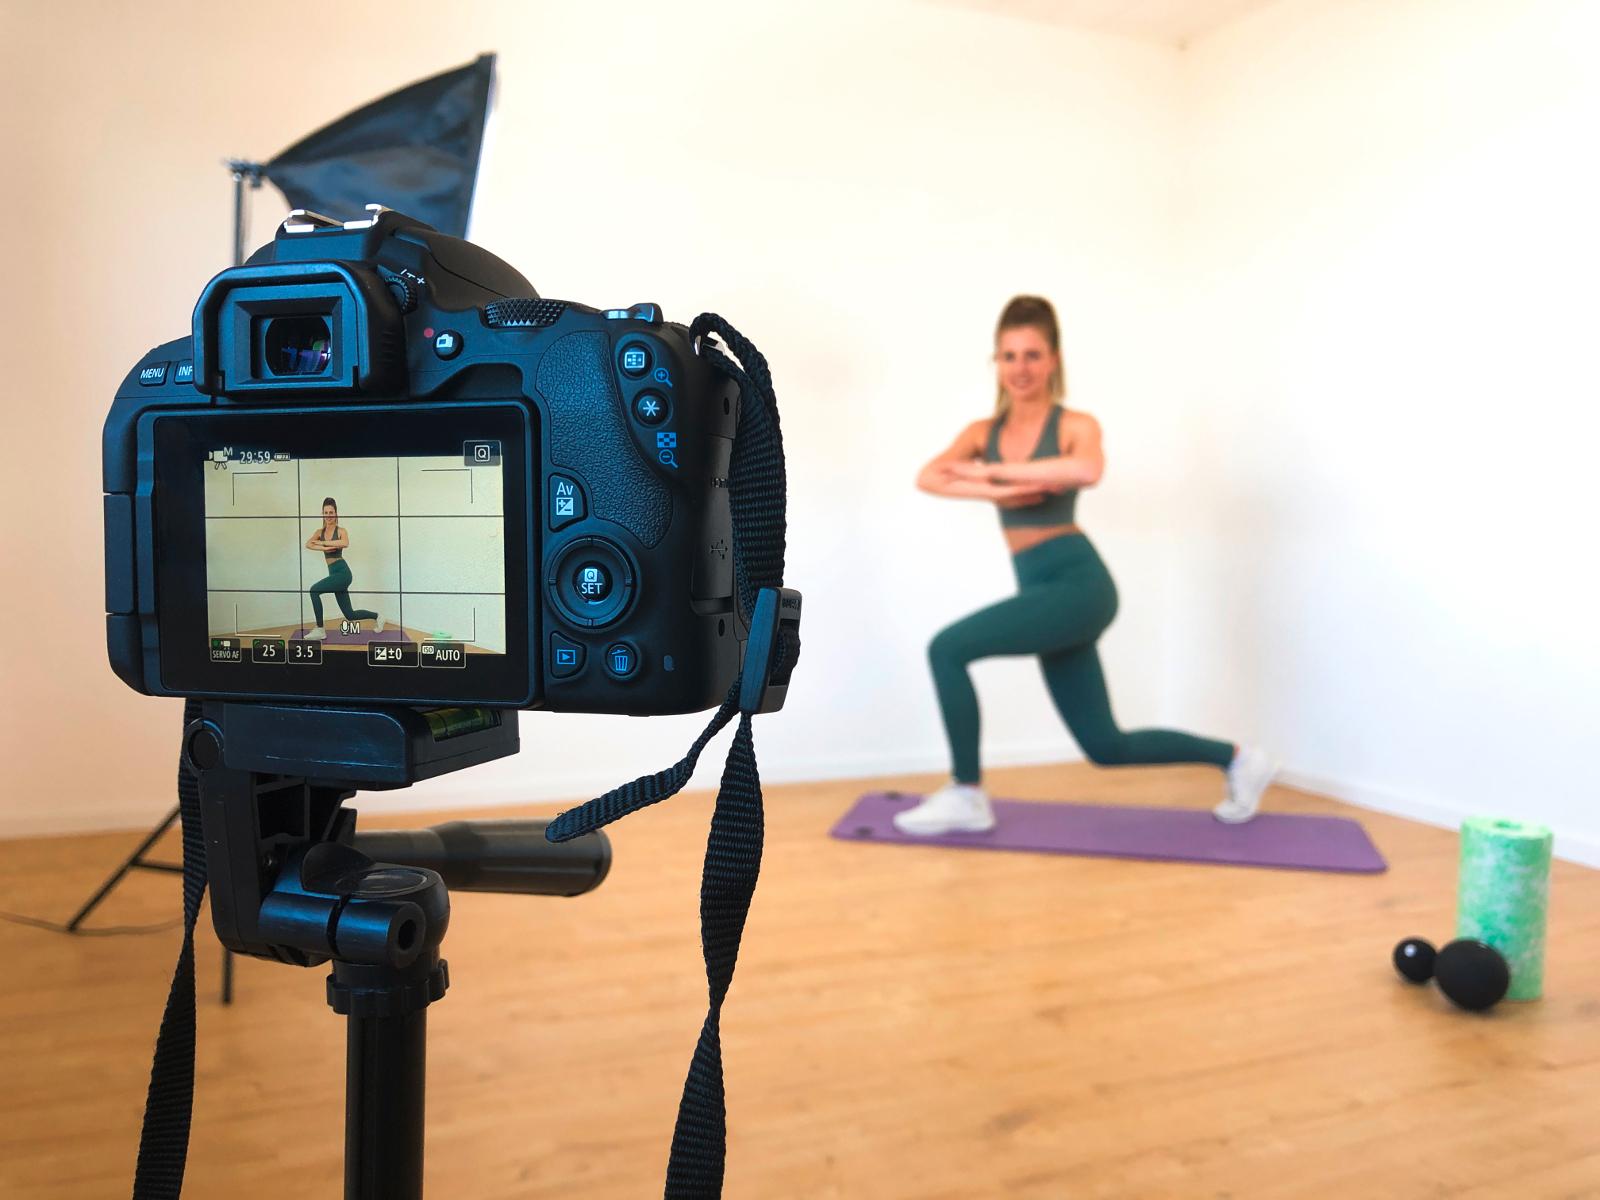 Die ehemalige Koblenzer Studentin Antonia Muriqi bietet jeweils zehnminütige Trainingsprogramme mit Belastungs-, Dehnübungen sowie Tabata an (Foto: Christian Luk Kleinmann)